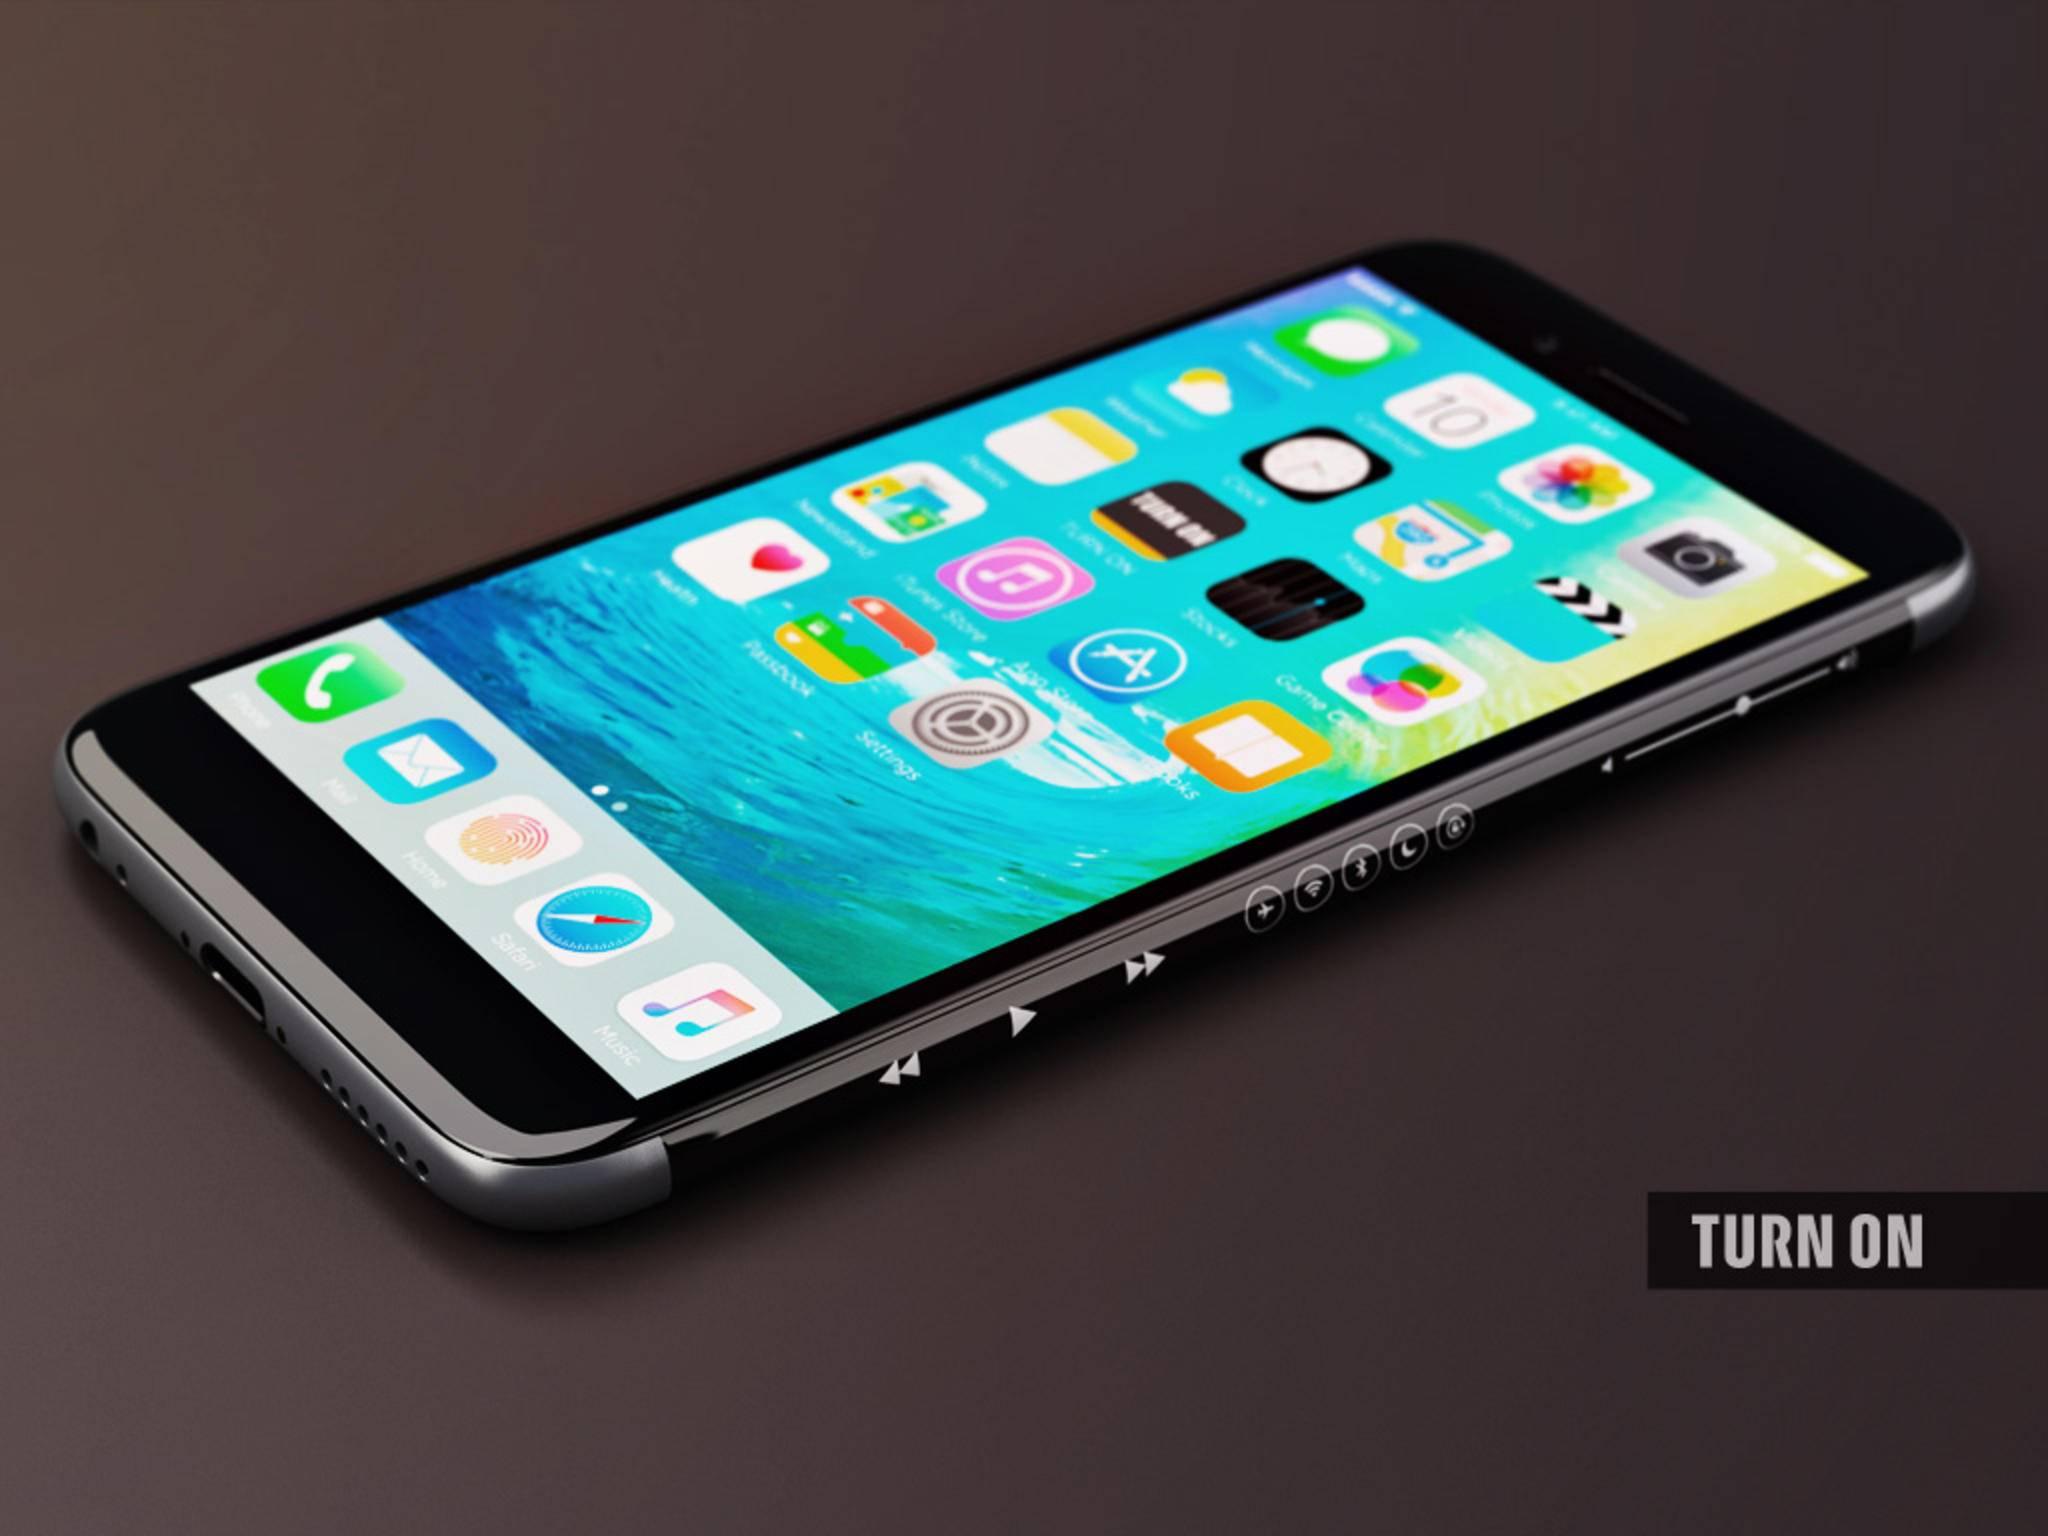 Seit Wochen brodelt die Gerüchteküche: Hat das neue iPhone 7 nun einen Anschluss für Kopfhörer oder nicht?